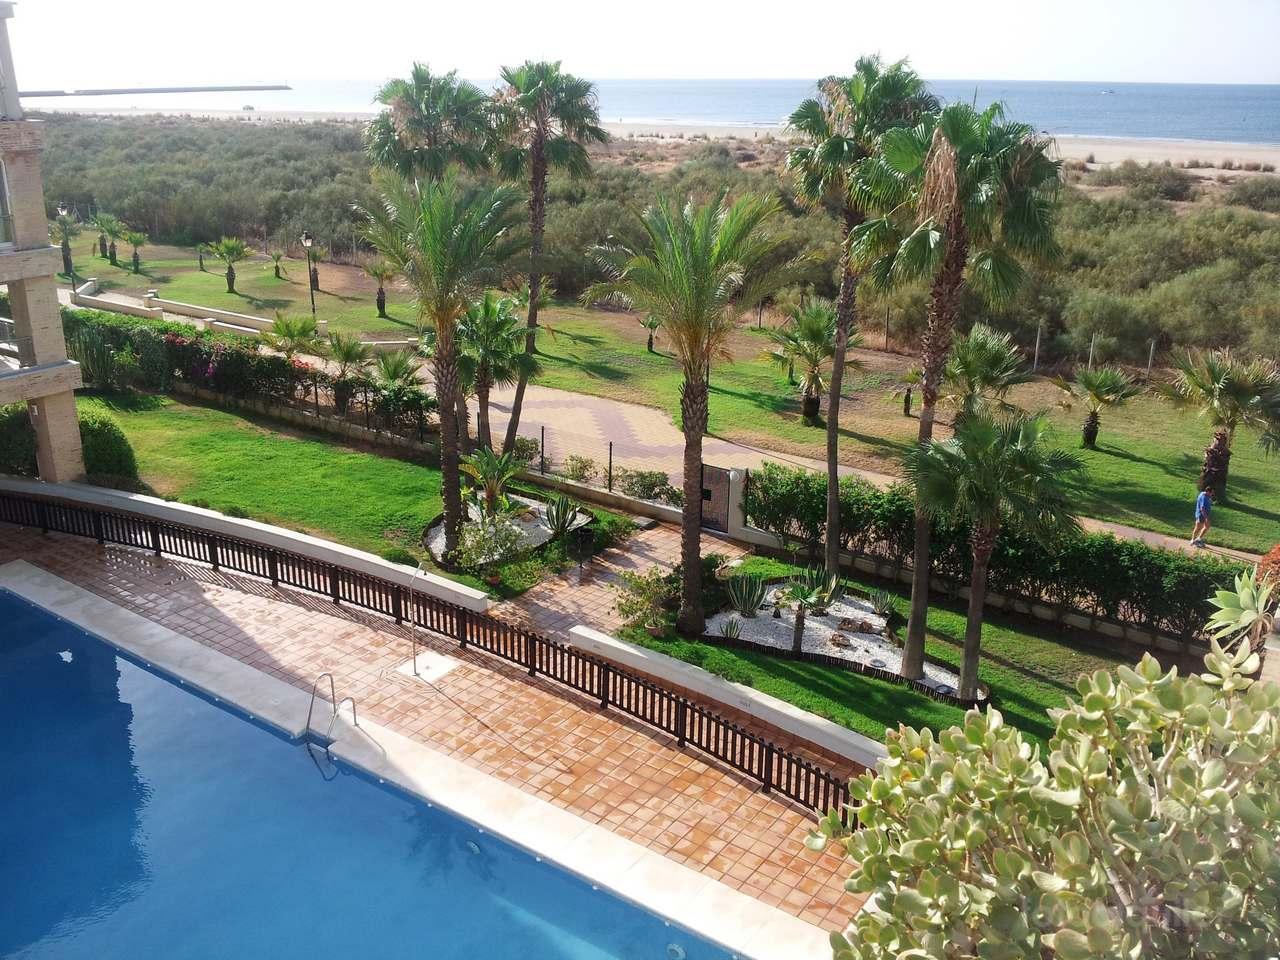 Apartamento en primera línea de playa en la urbanización El Espigón, Punta del Moral, Ayamonte, Huelva, ref.: puntadelmoral8985